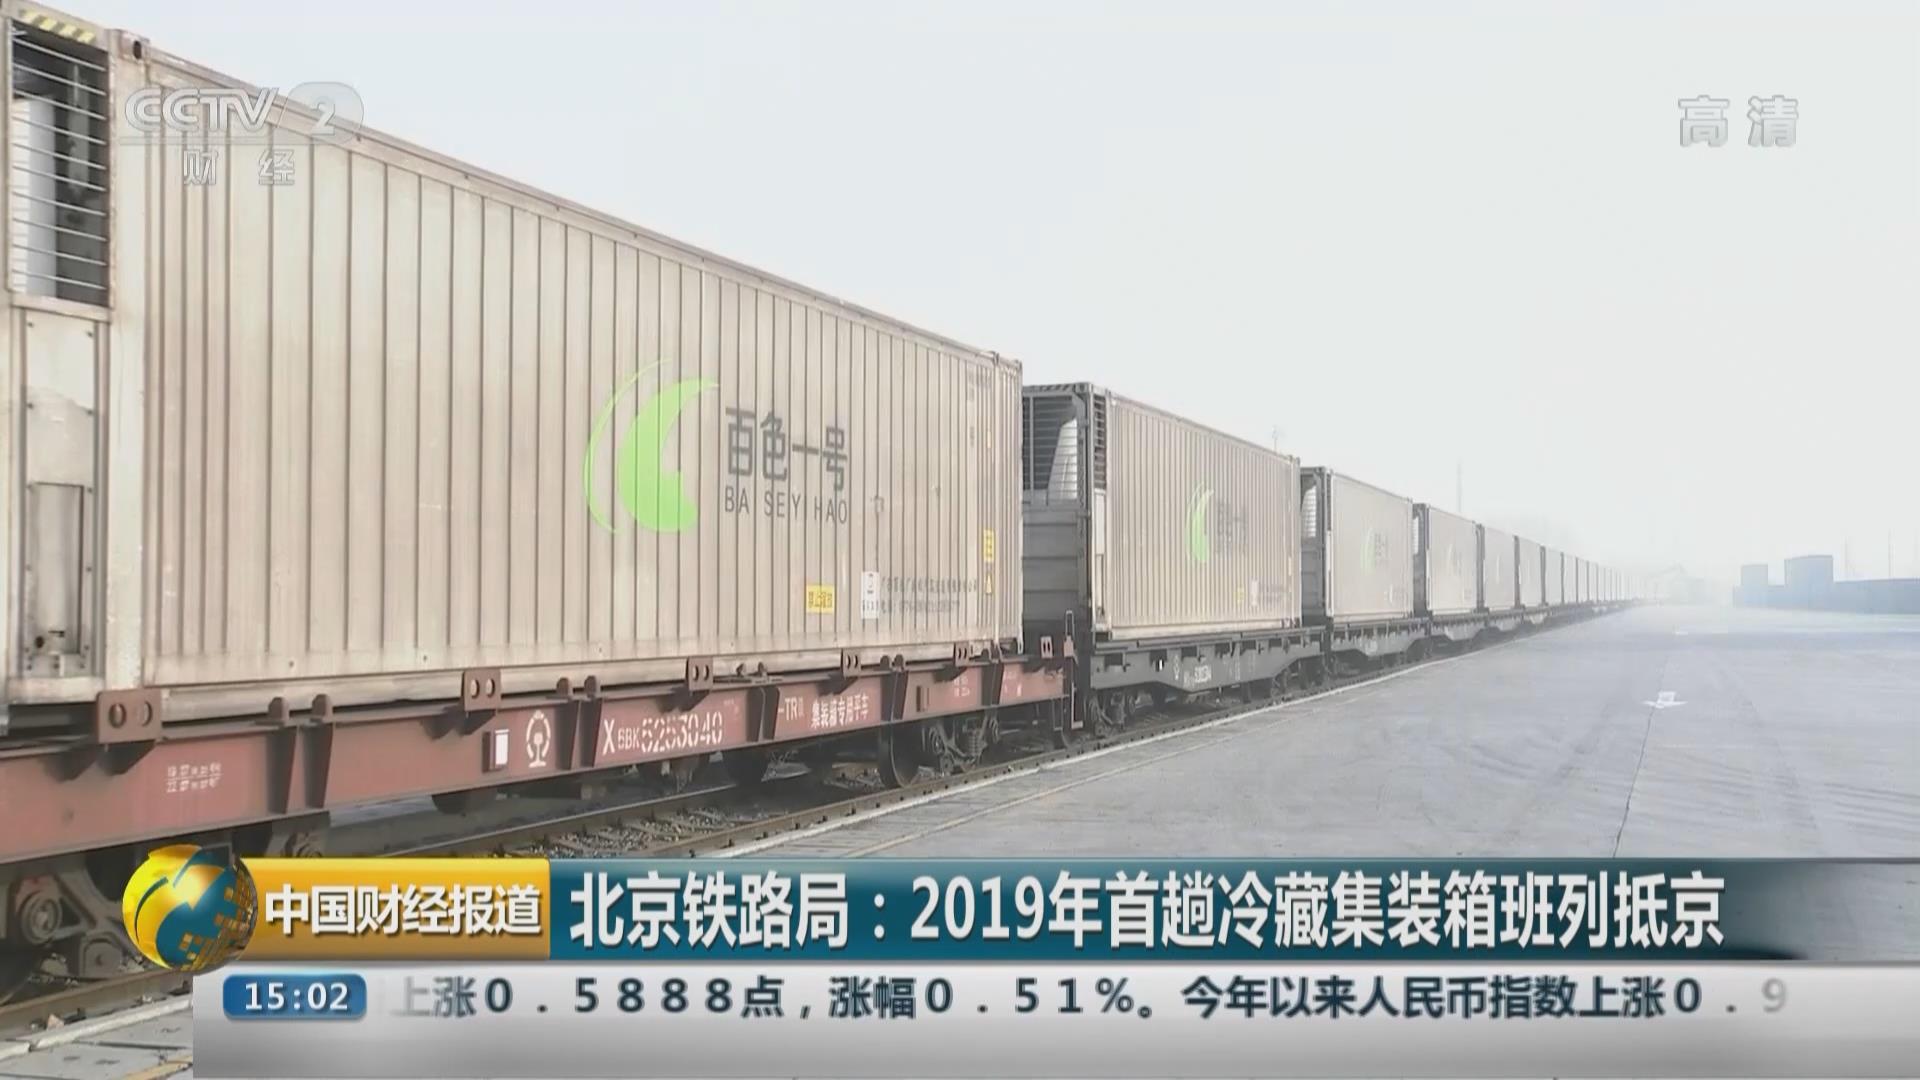 北京鐵路局:2019年首趟冷藏集裝箱班列抵京